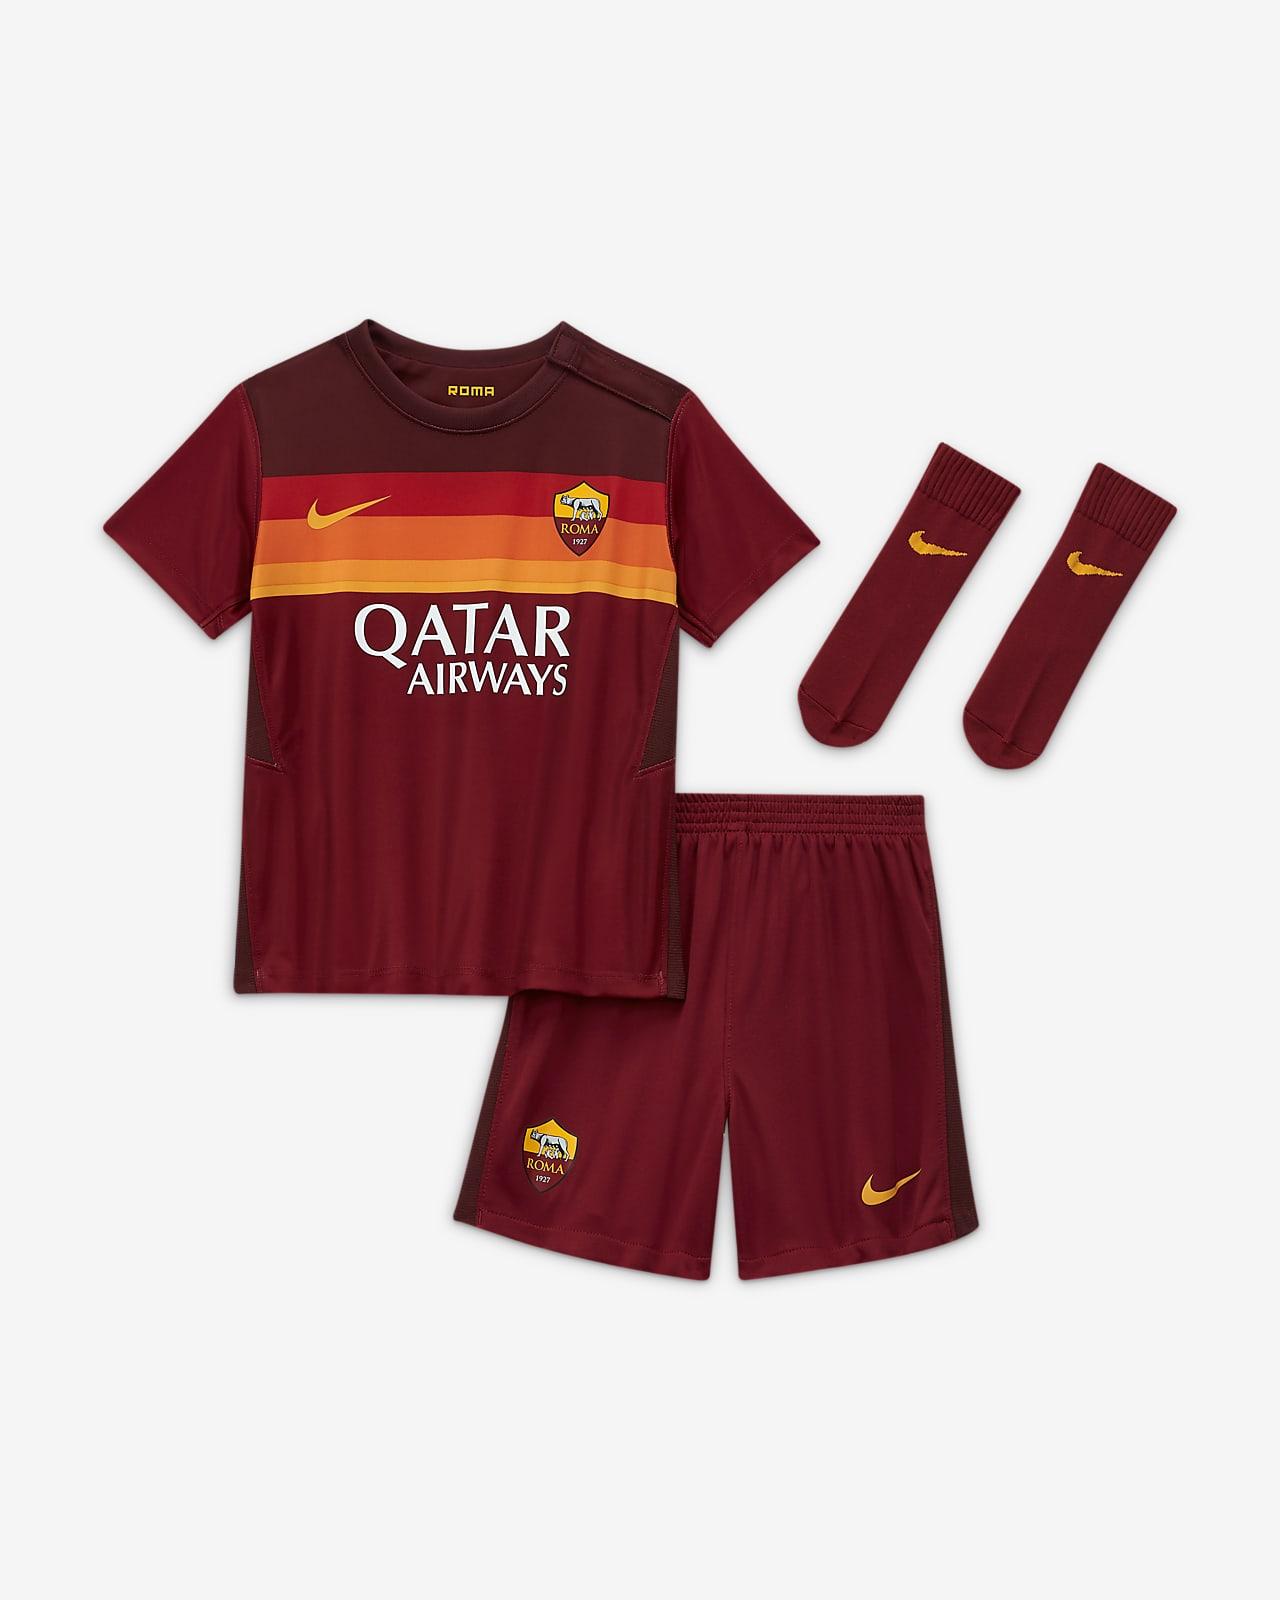 Fotbollsställ A.S. Roma 2020/21 (hemmaställ) för baby/små barn